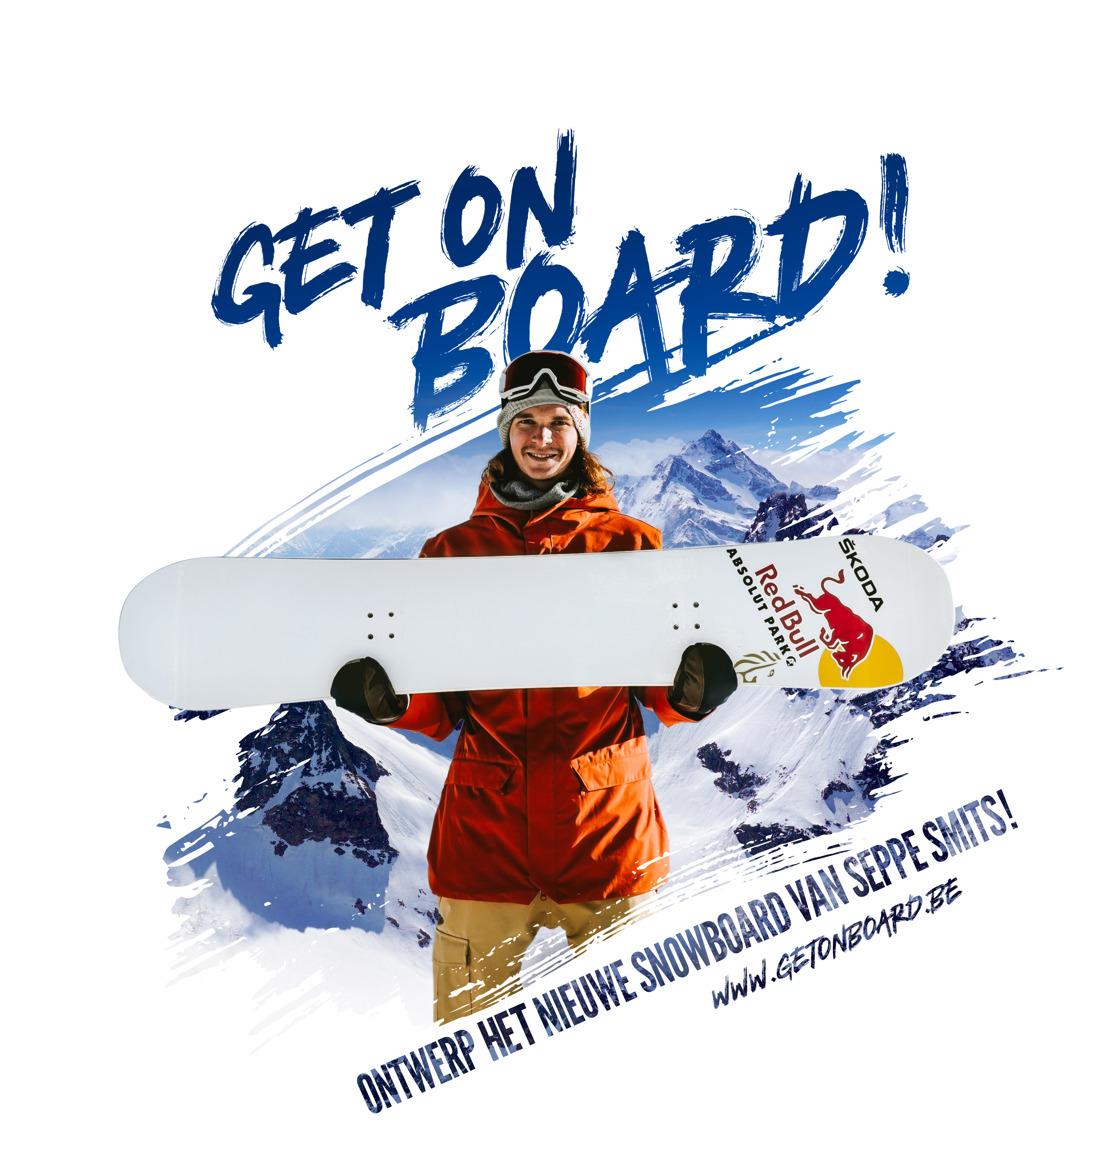 Wie wordt de ontwerper van het nieuwe snowboard van Seppe Smits?